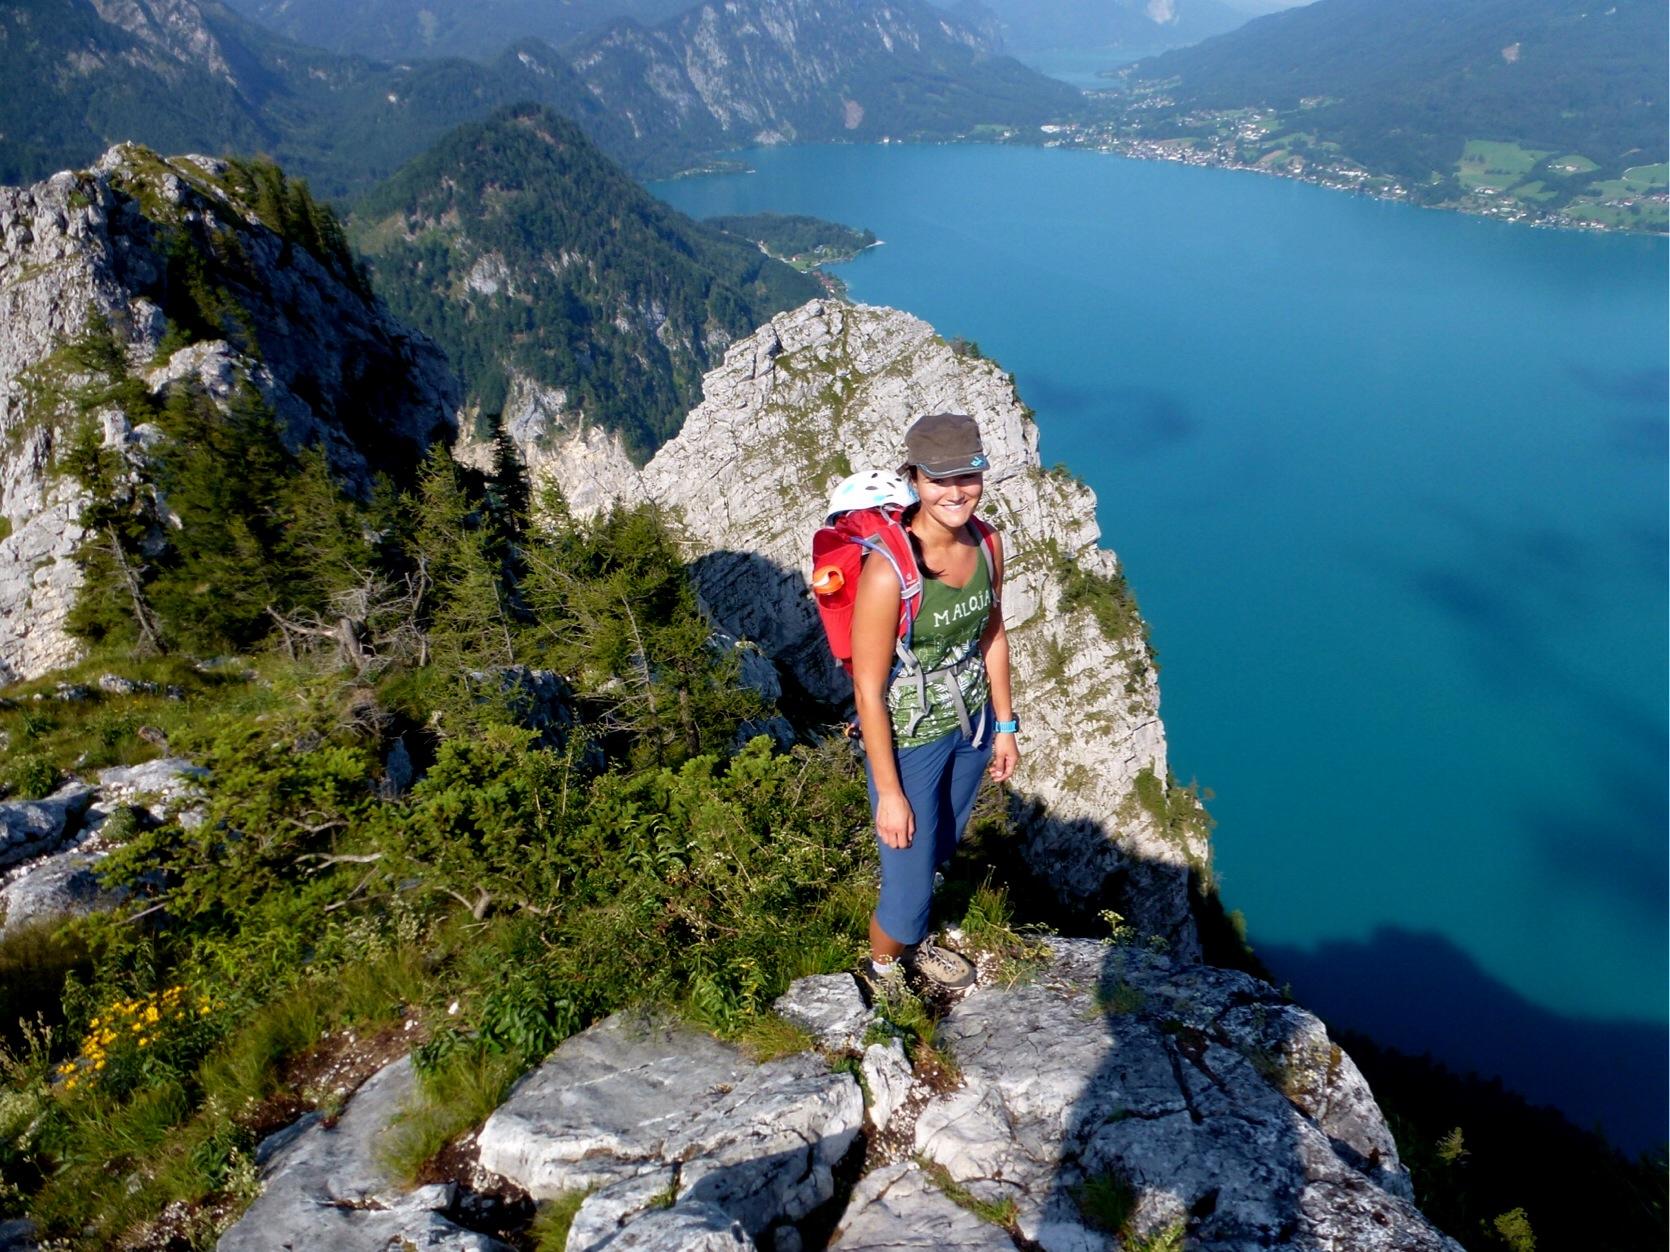 Klettersteig Mahdlgupf : Klettersteige mit fantastischem bergpanorama und seenblick